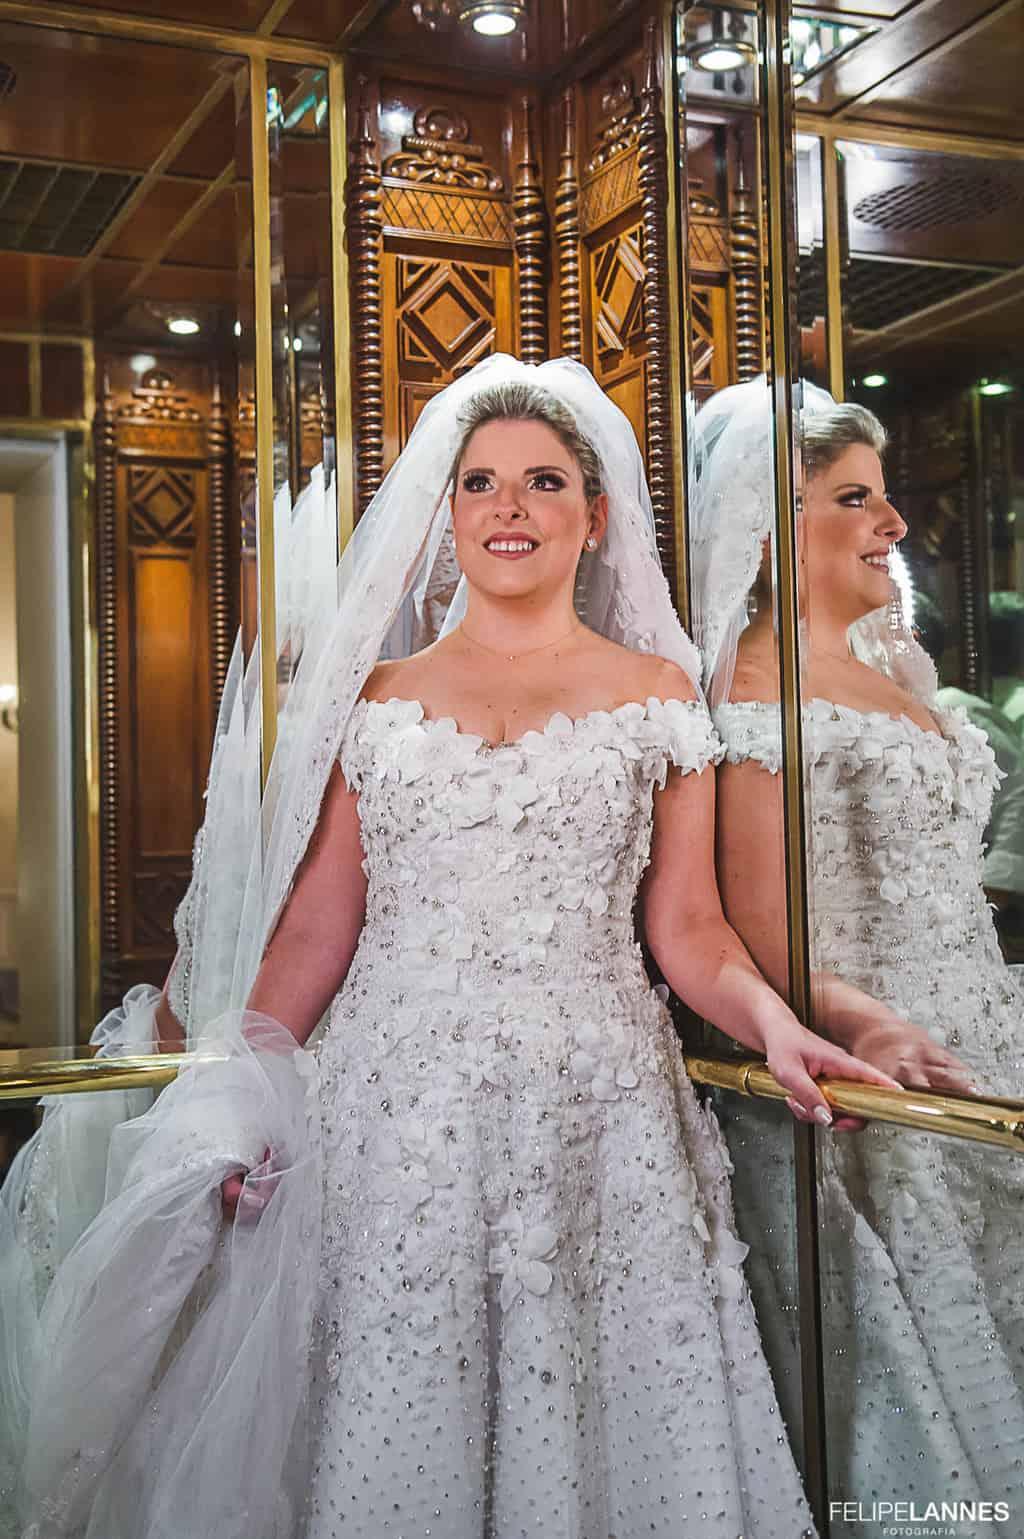 Casamento-Beatrice-e-Luiz-Augusto-casamento-classico-fotografia-Felipe-Lannes-making-of-noiva29